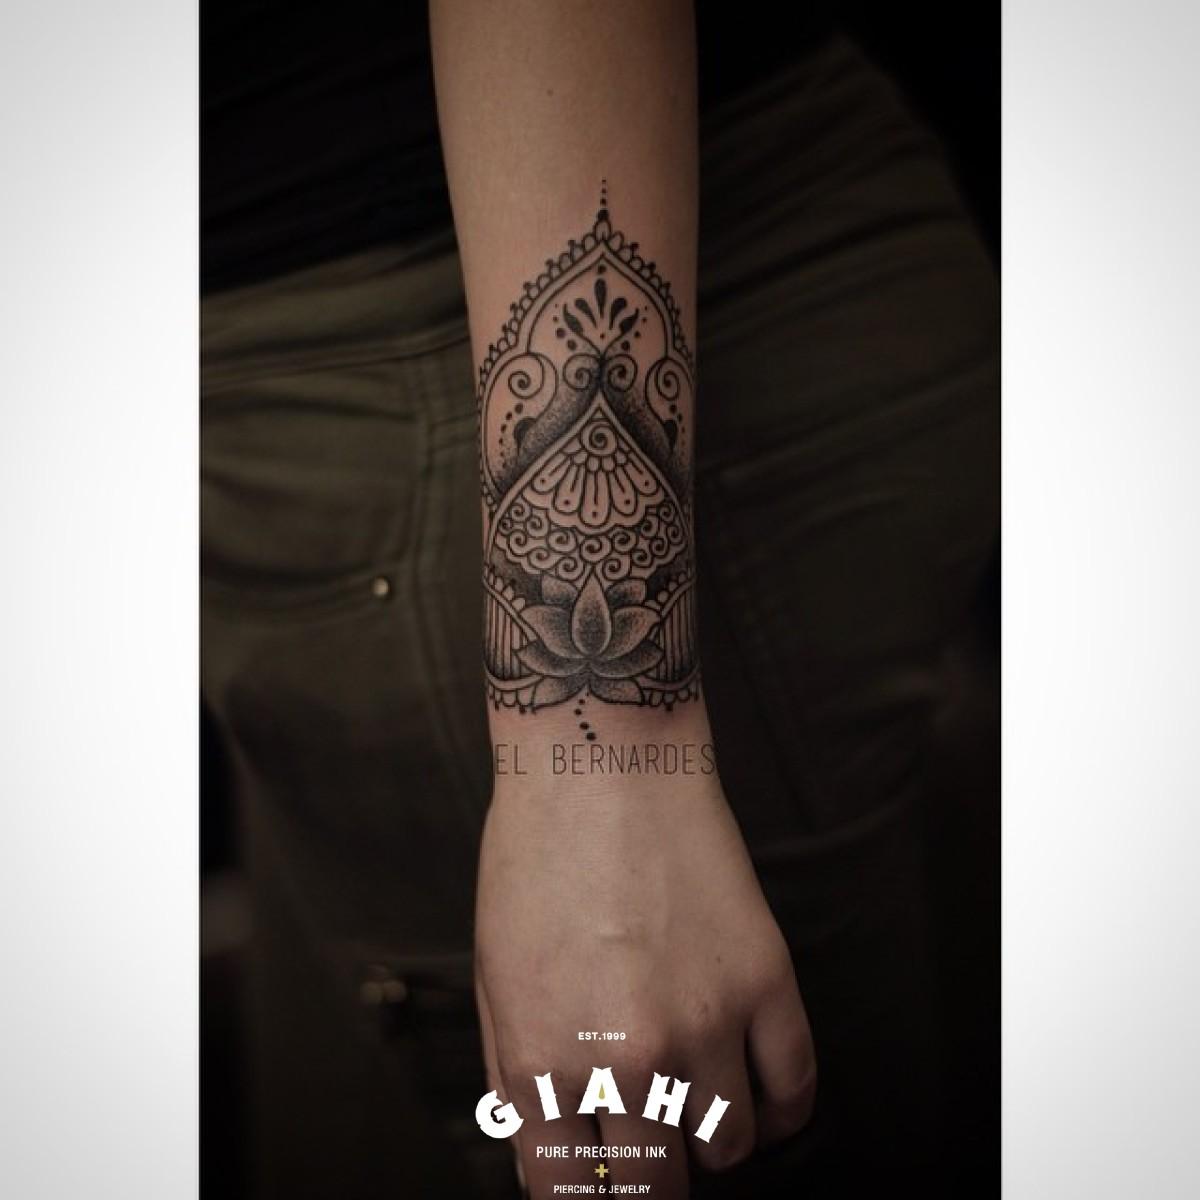 Flower Mehendi Dotwork tattoo by Elda Bernardes